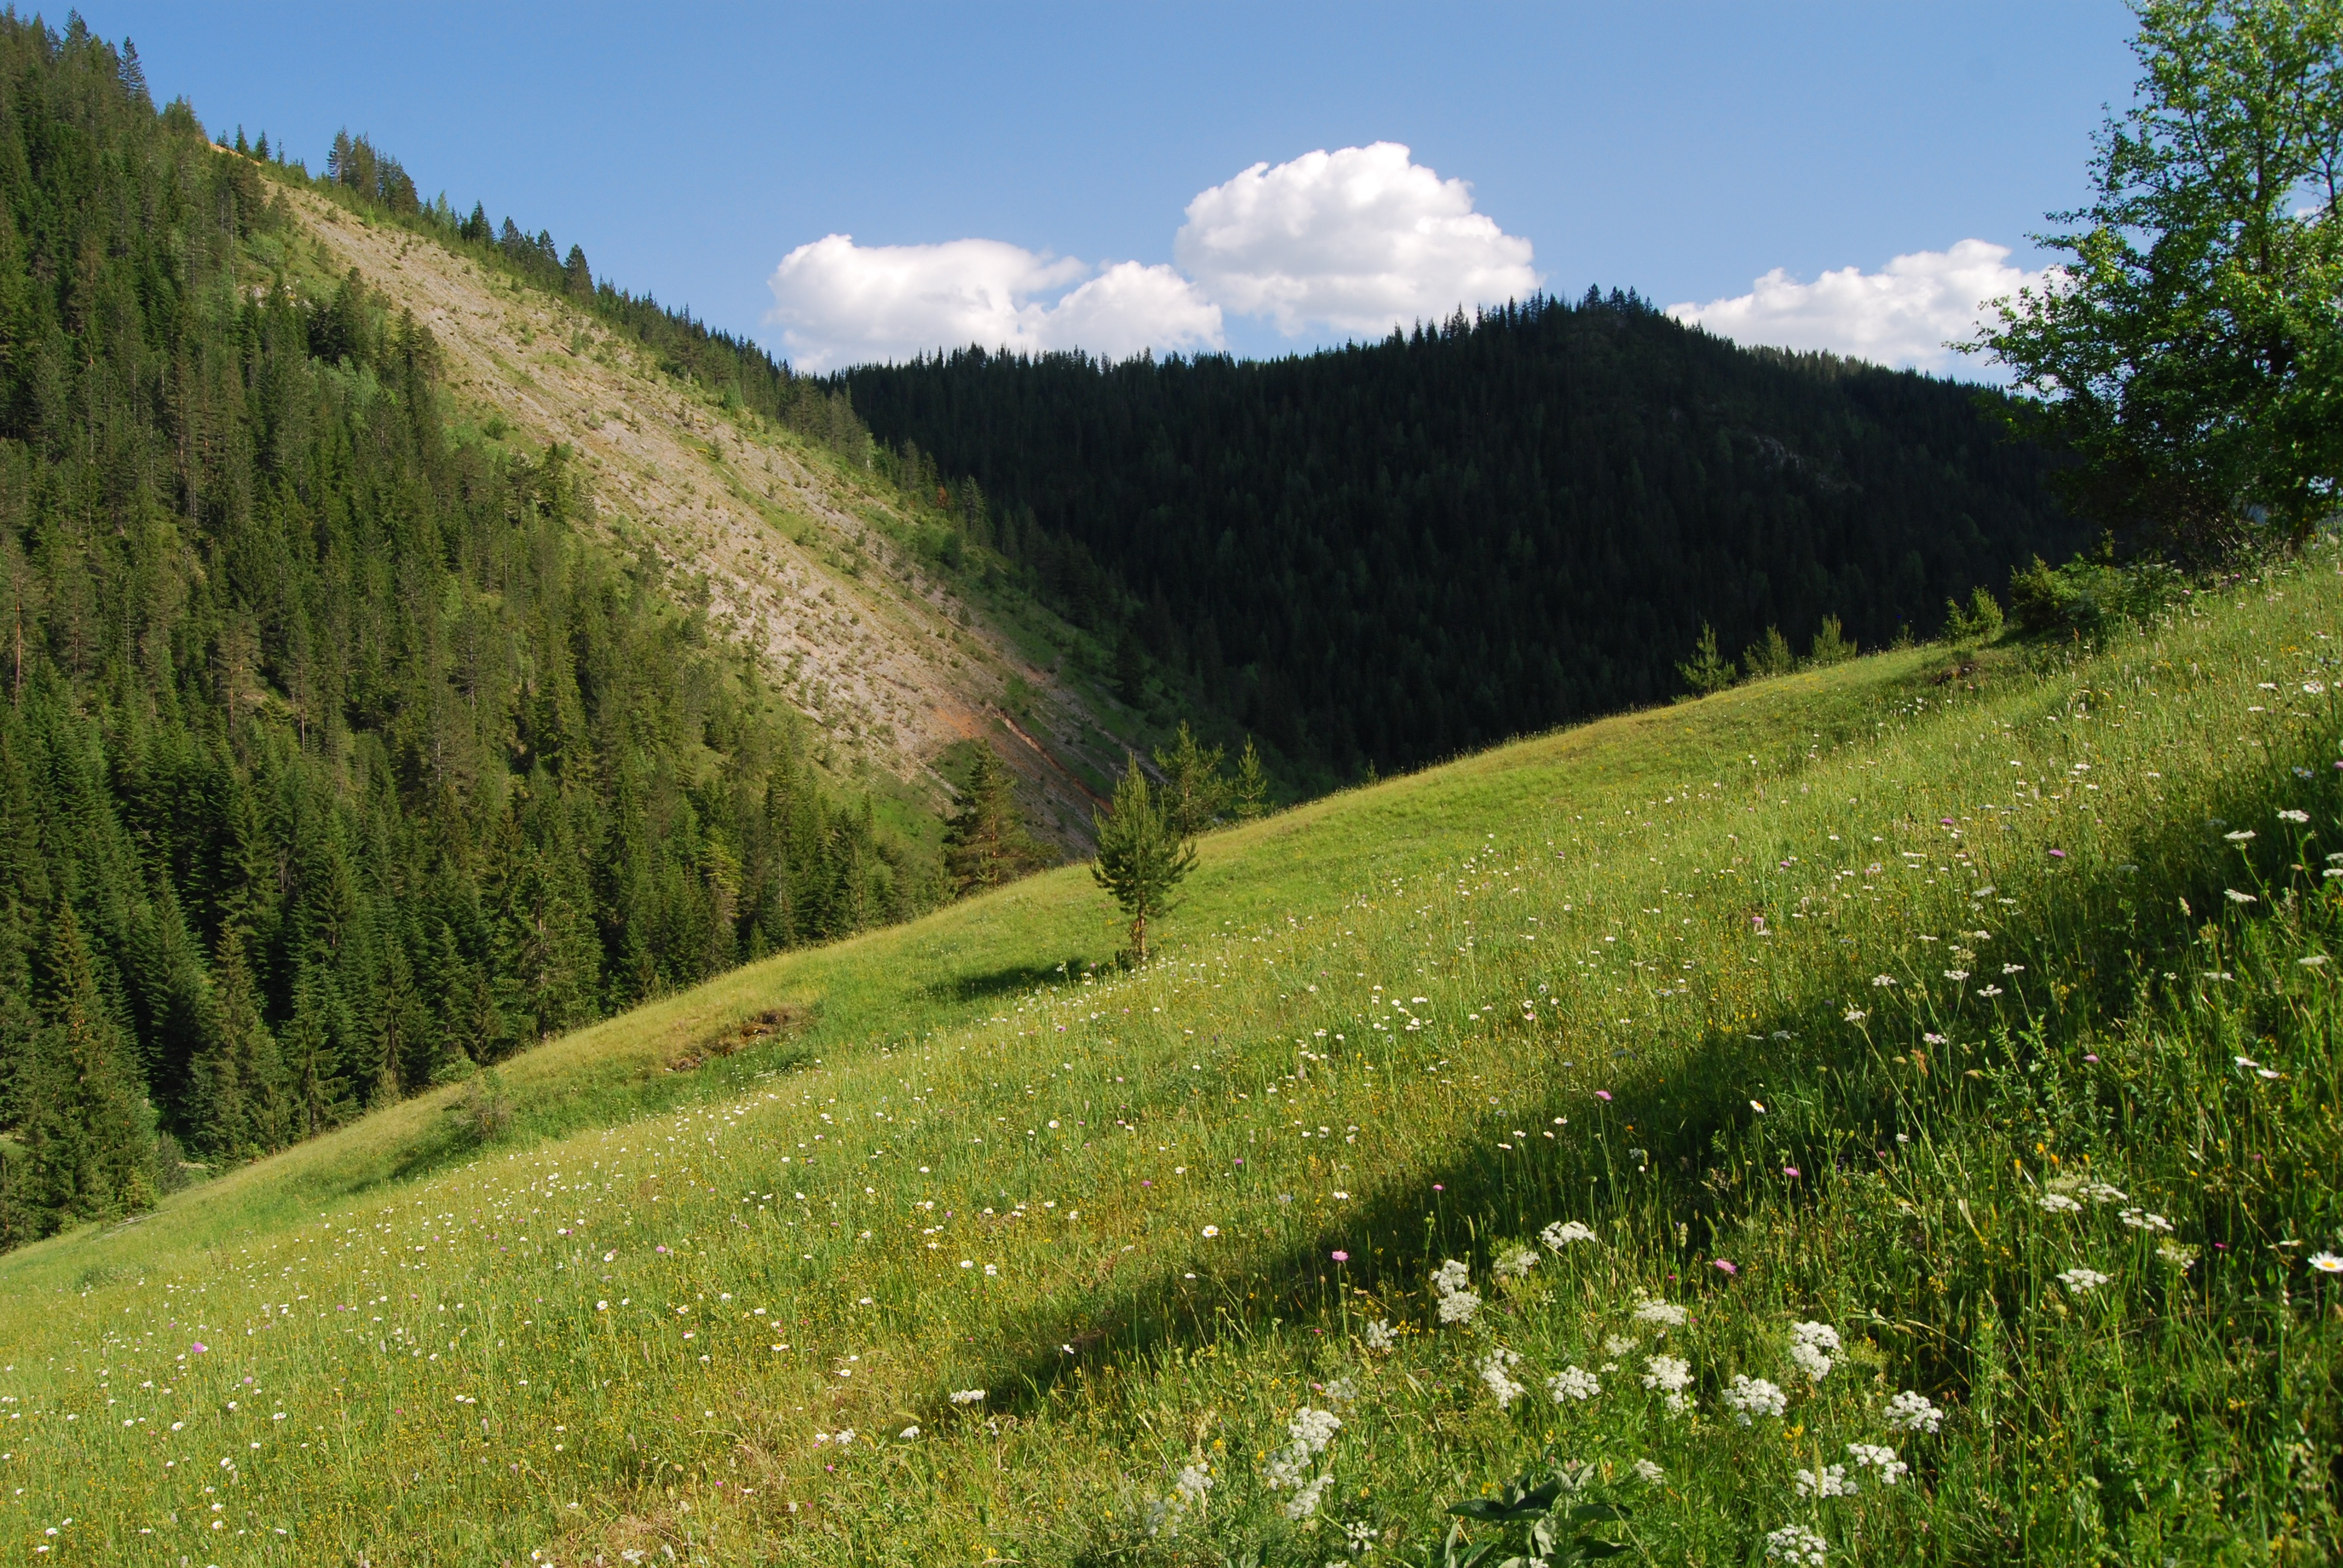 Pădure albaneză (wikimedia commons)